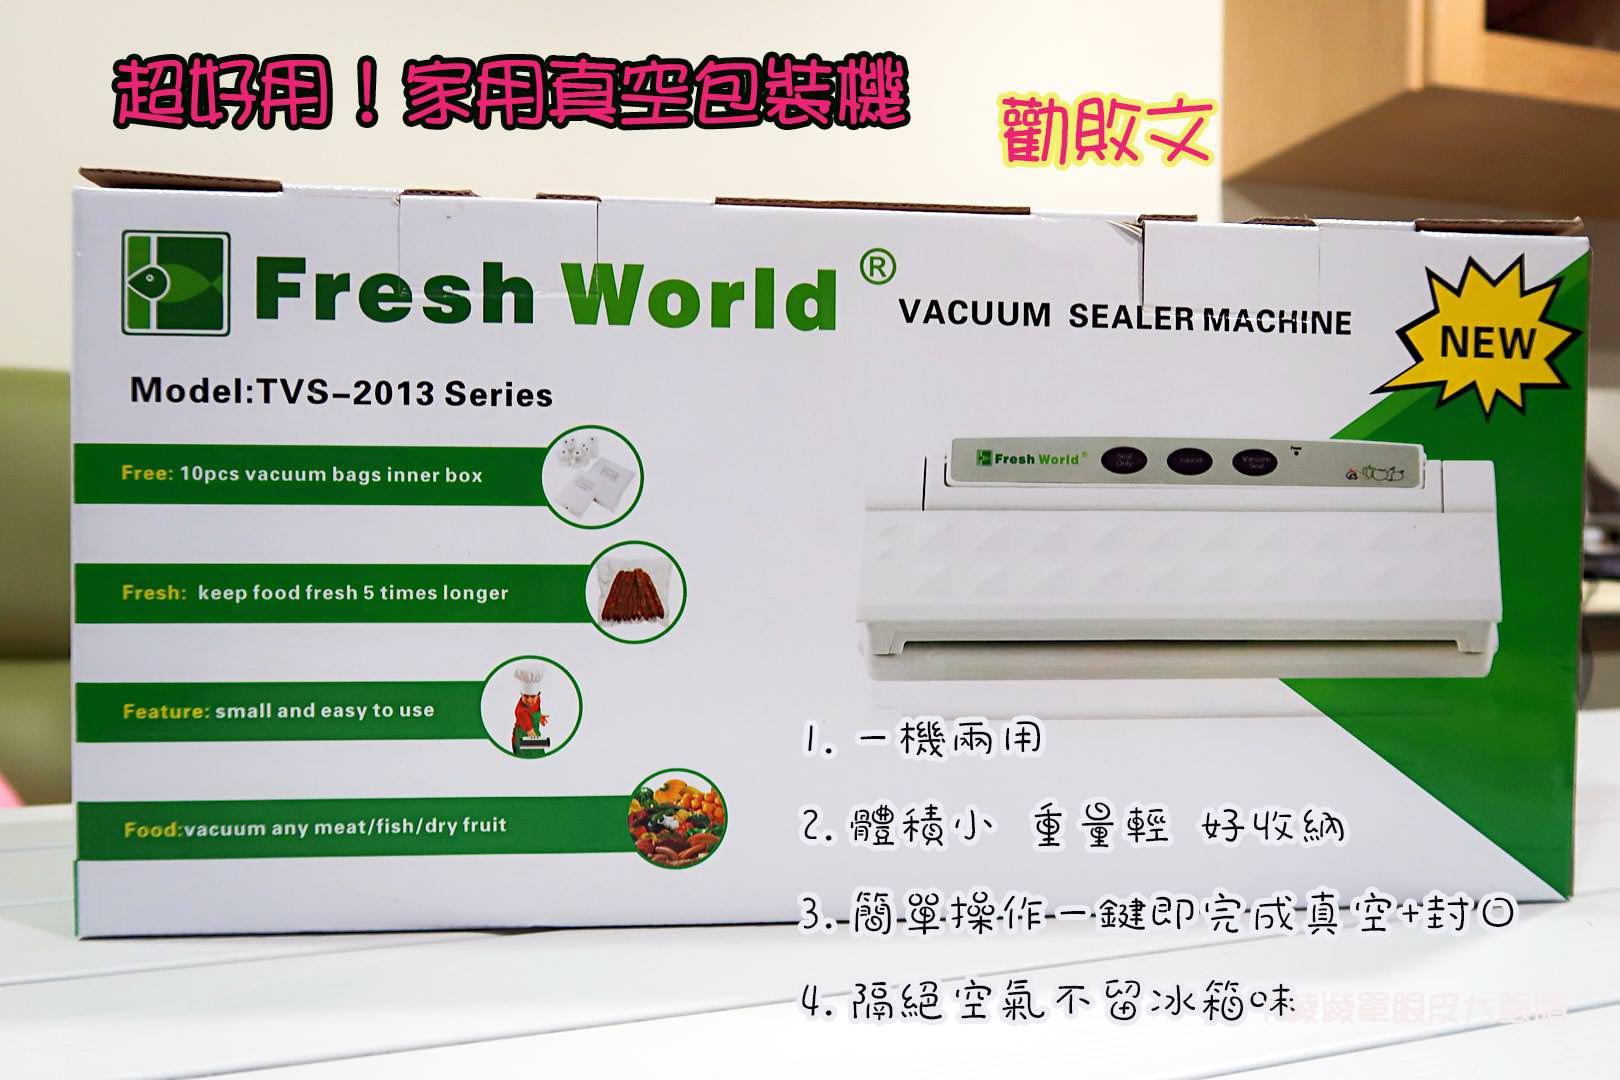 竹興包裝|Fresh World家用型真空包裝機推薦開箱勸敗文